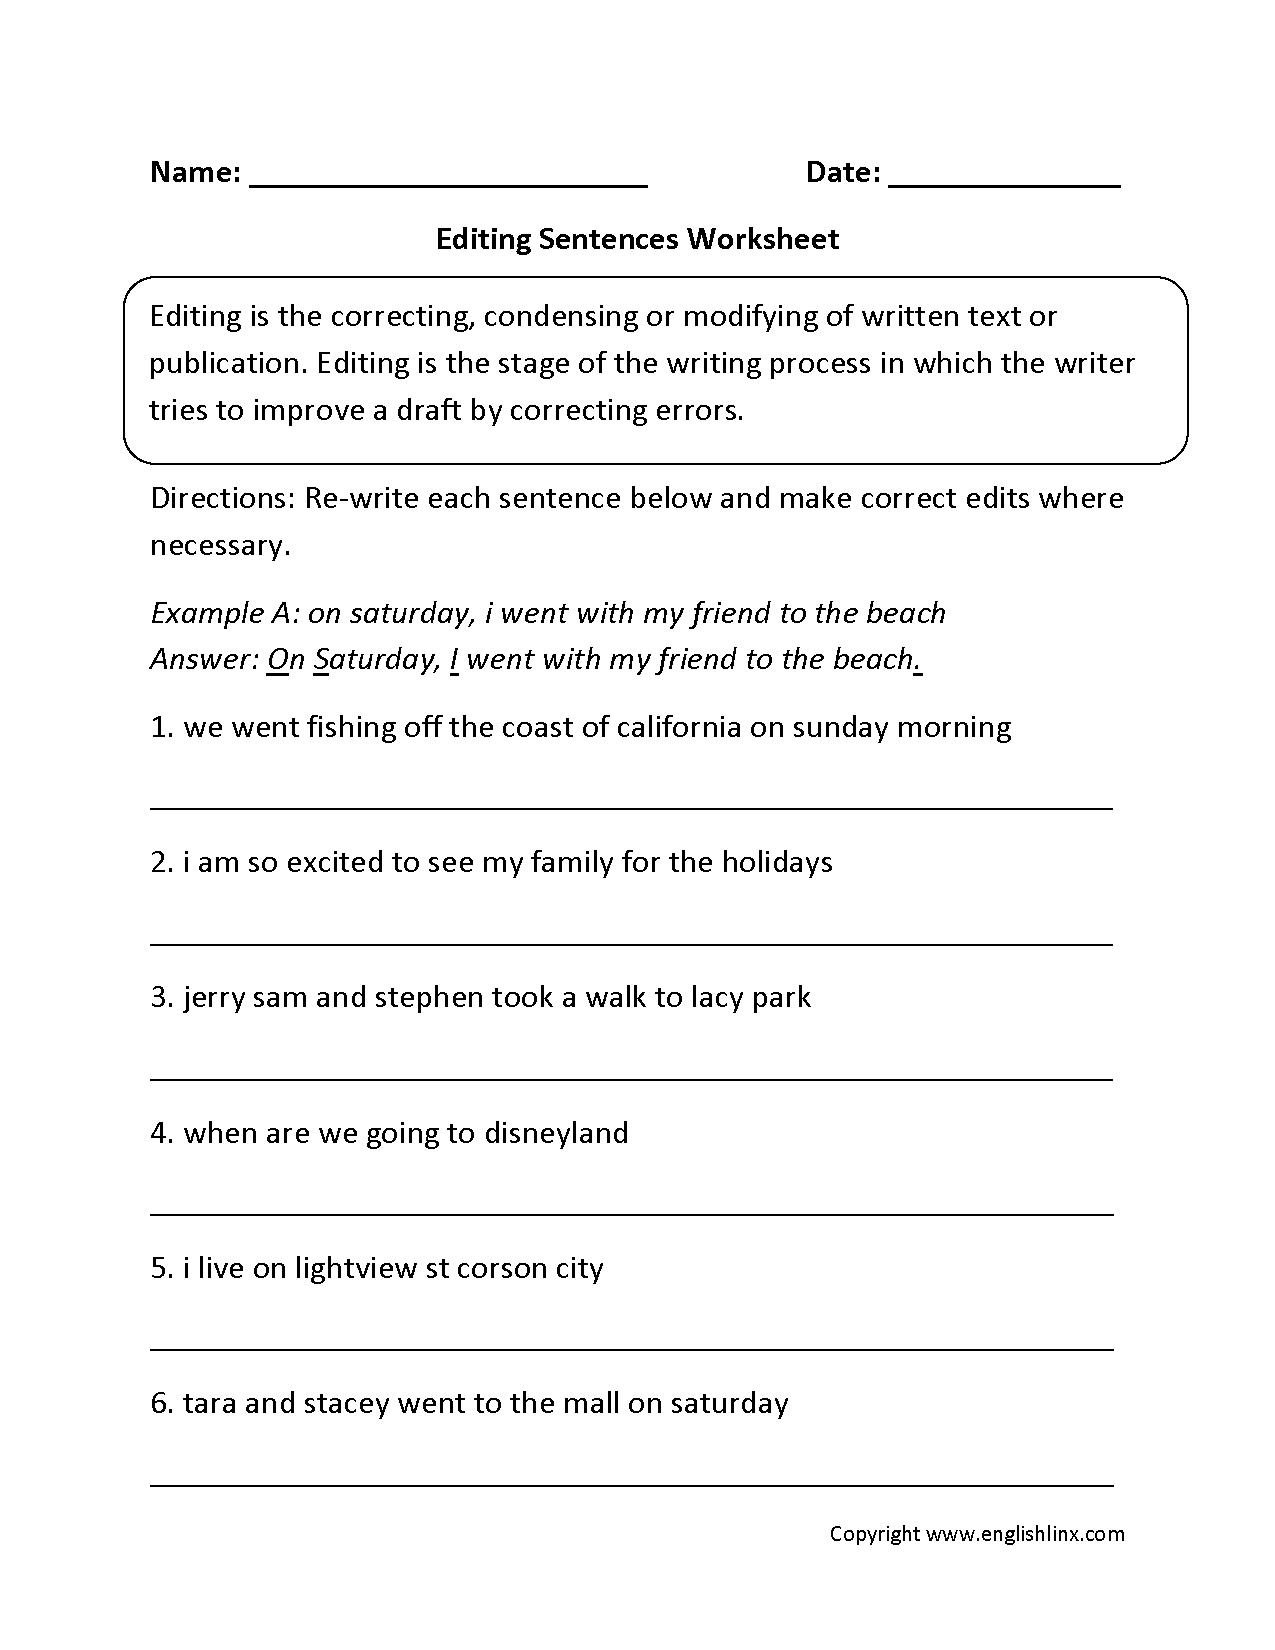 Proofreading Rksheets High School Practice Marks Rksheet